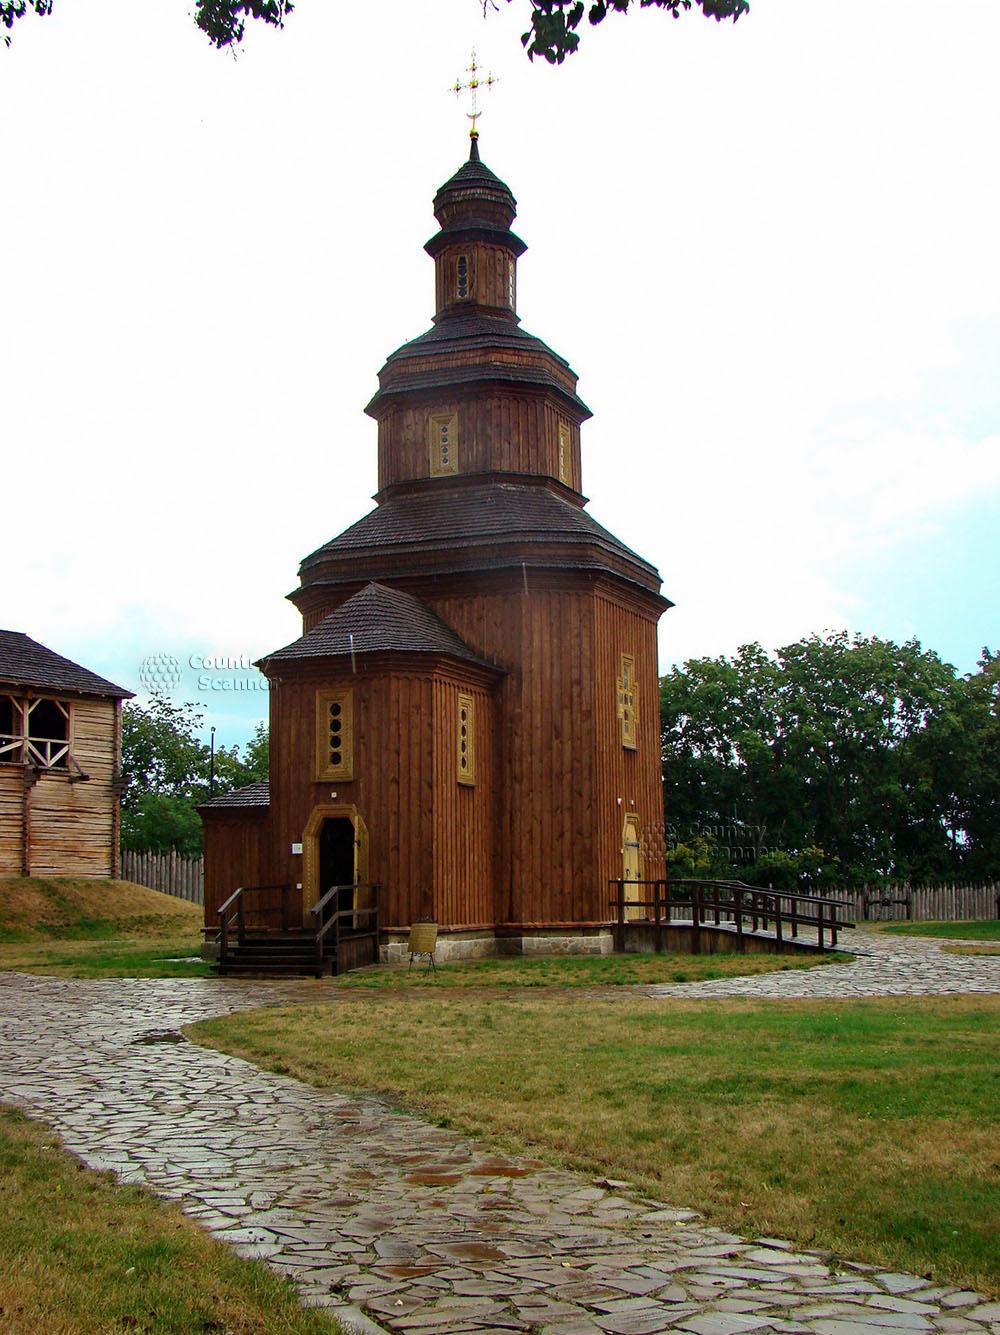 Литовский замок в Батурине. Церковь Воскрешения Господня